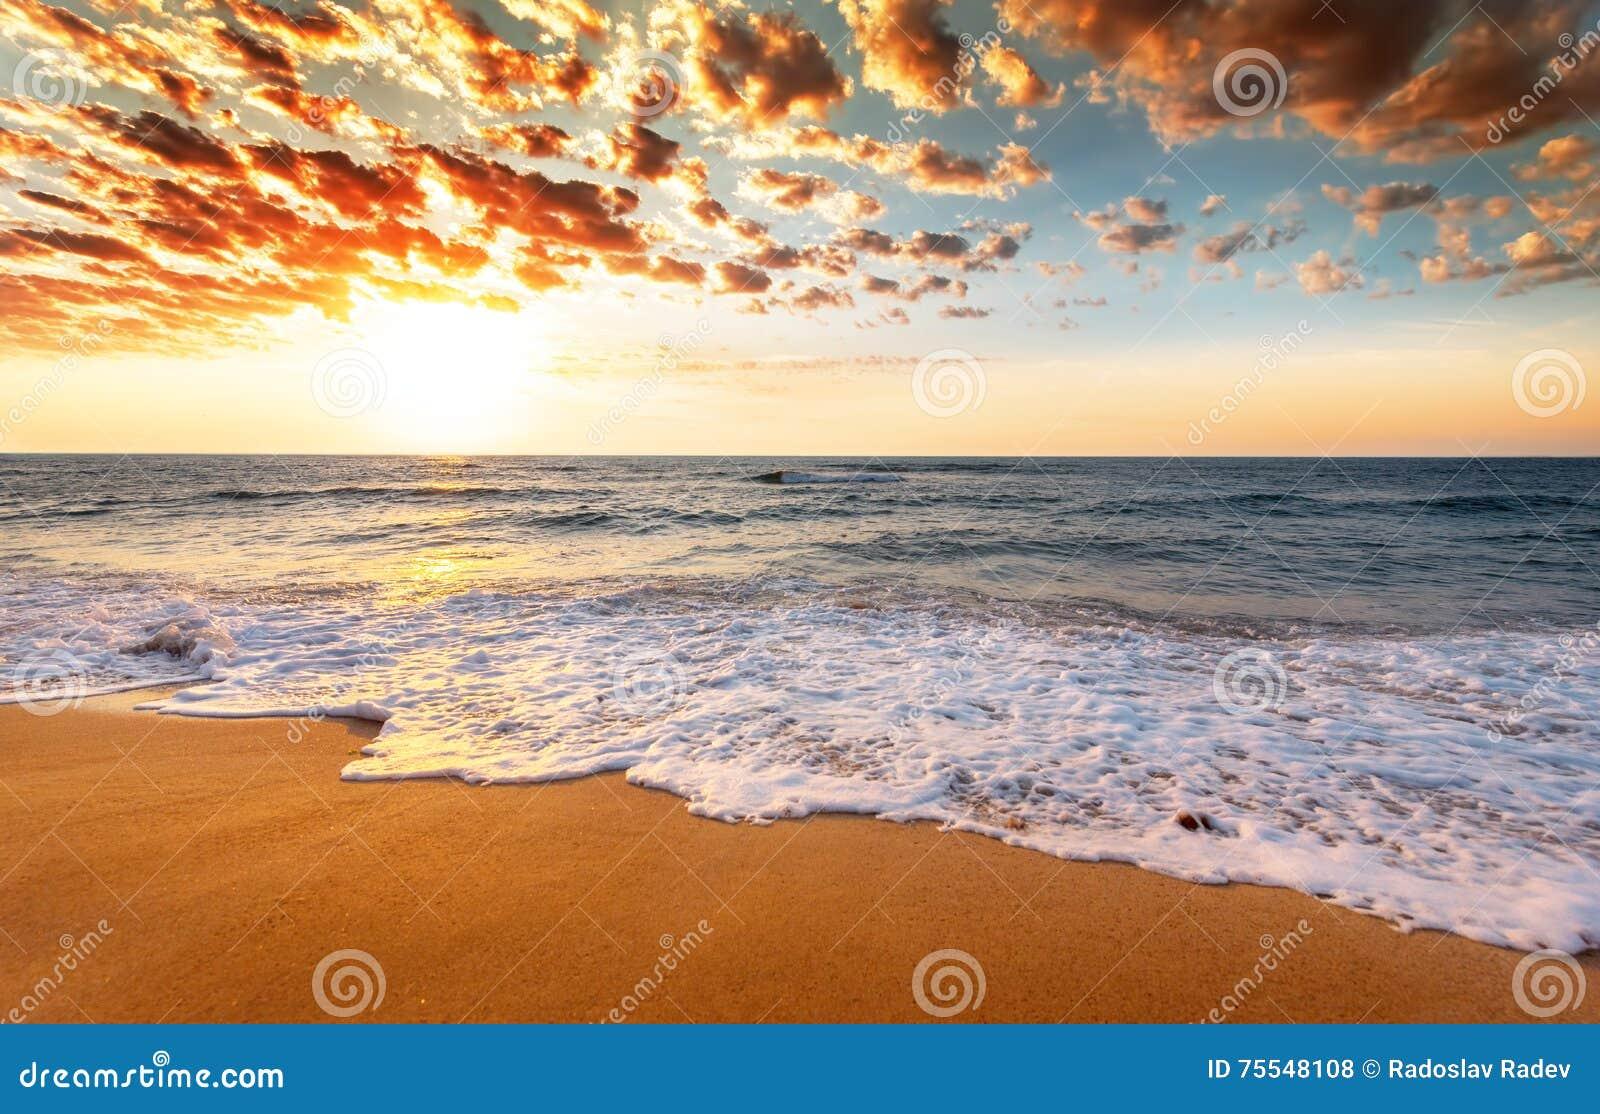 Sonnenaufgang über dem tropischen Strand